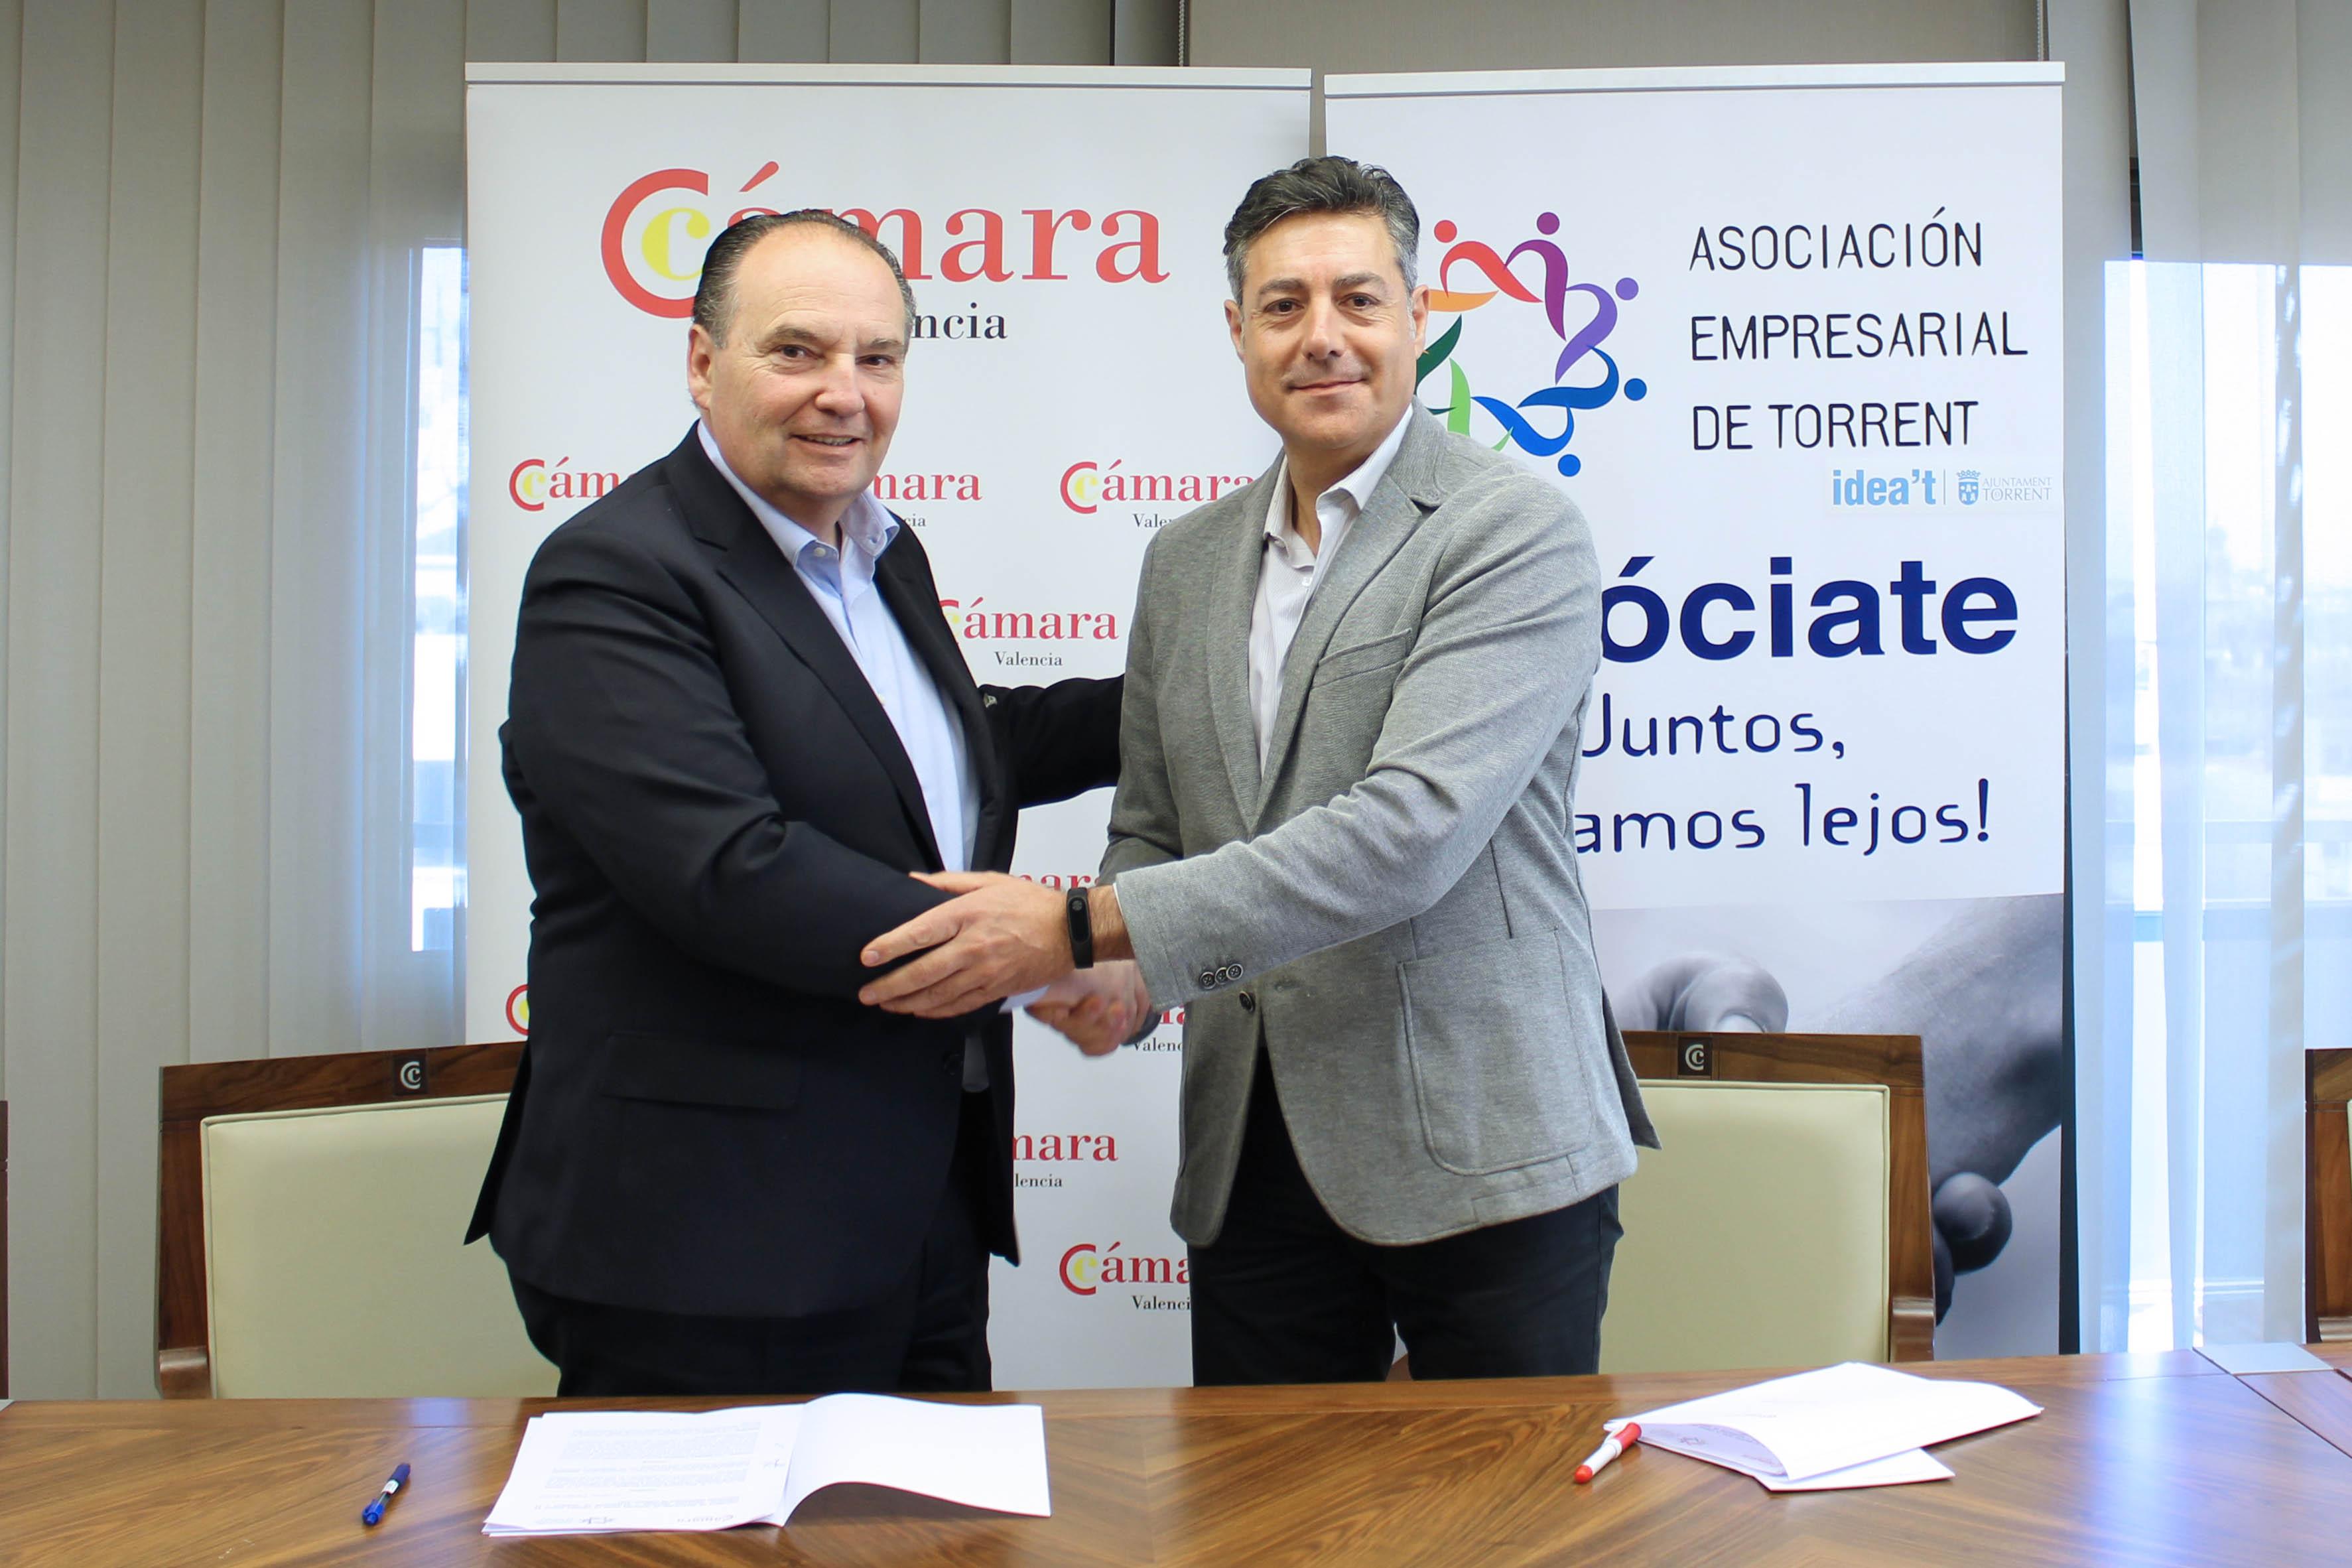 foto 2 firma convenio empresarios torrent s - Firma convenio con Cámara Valencia